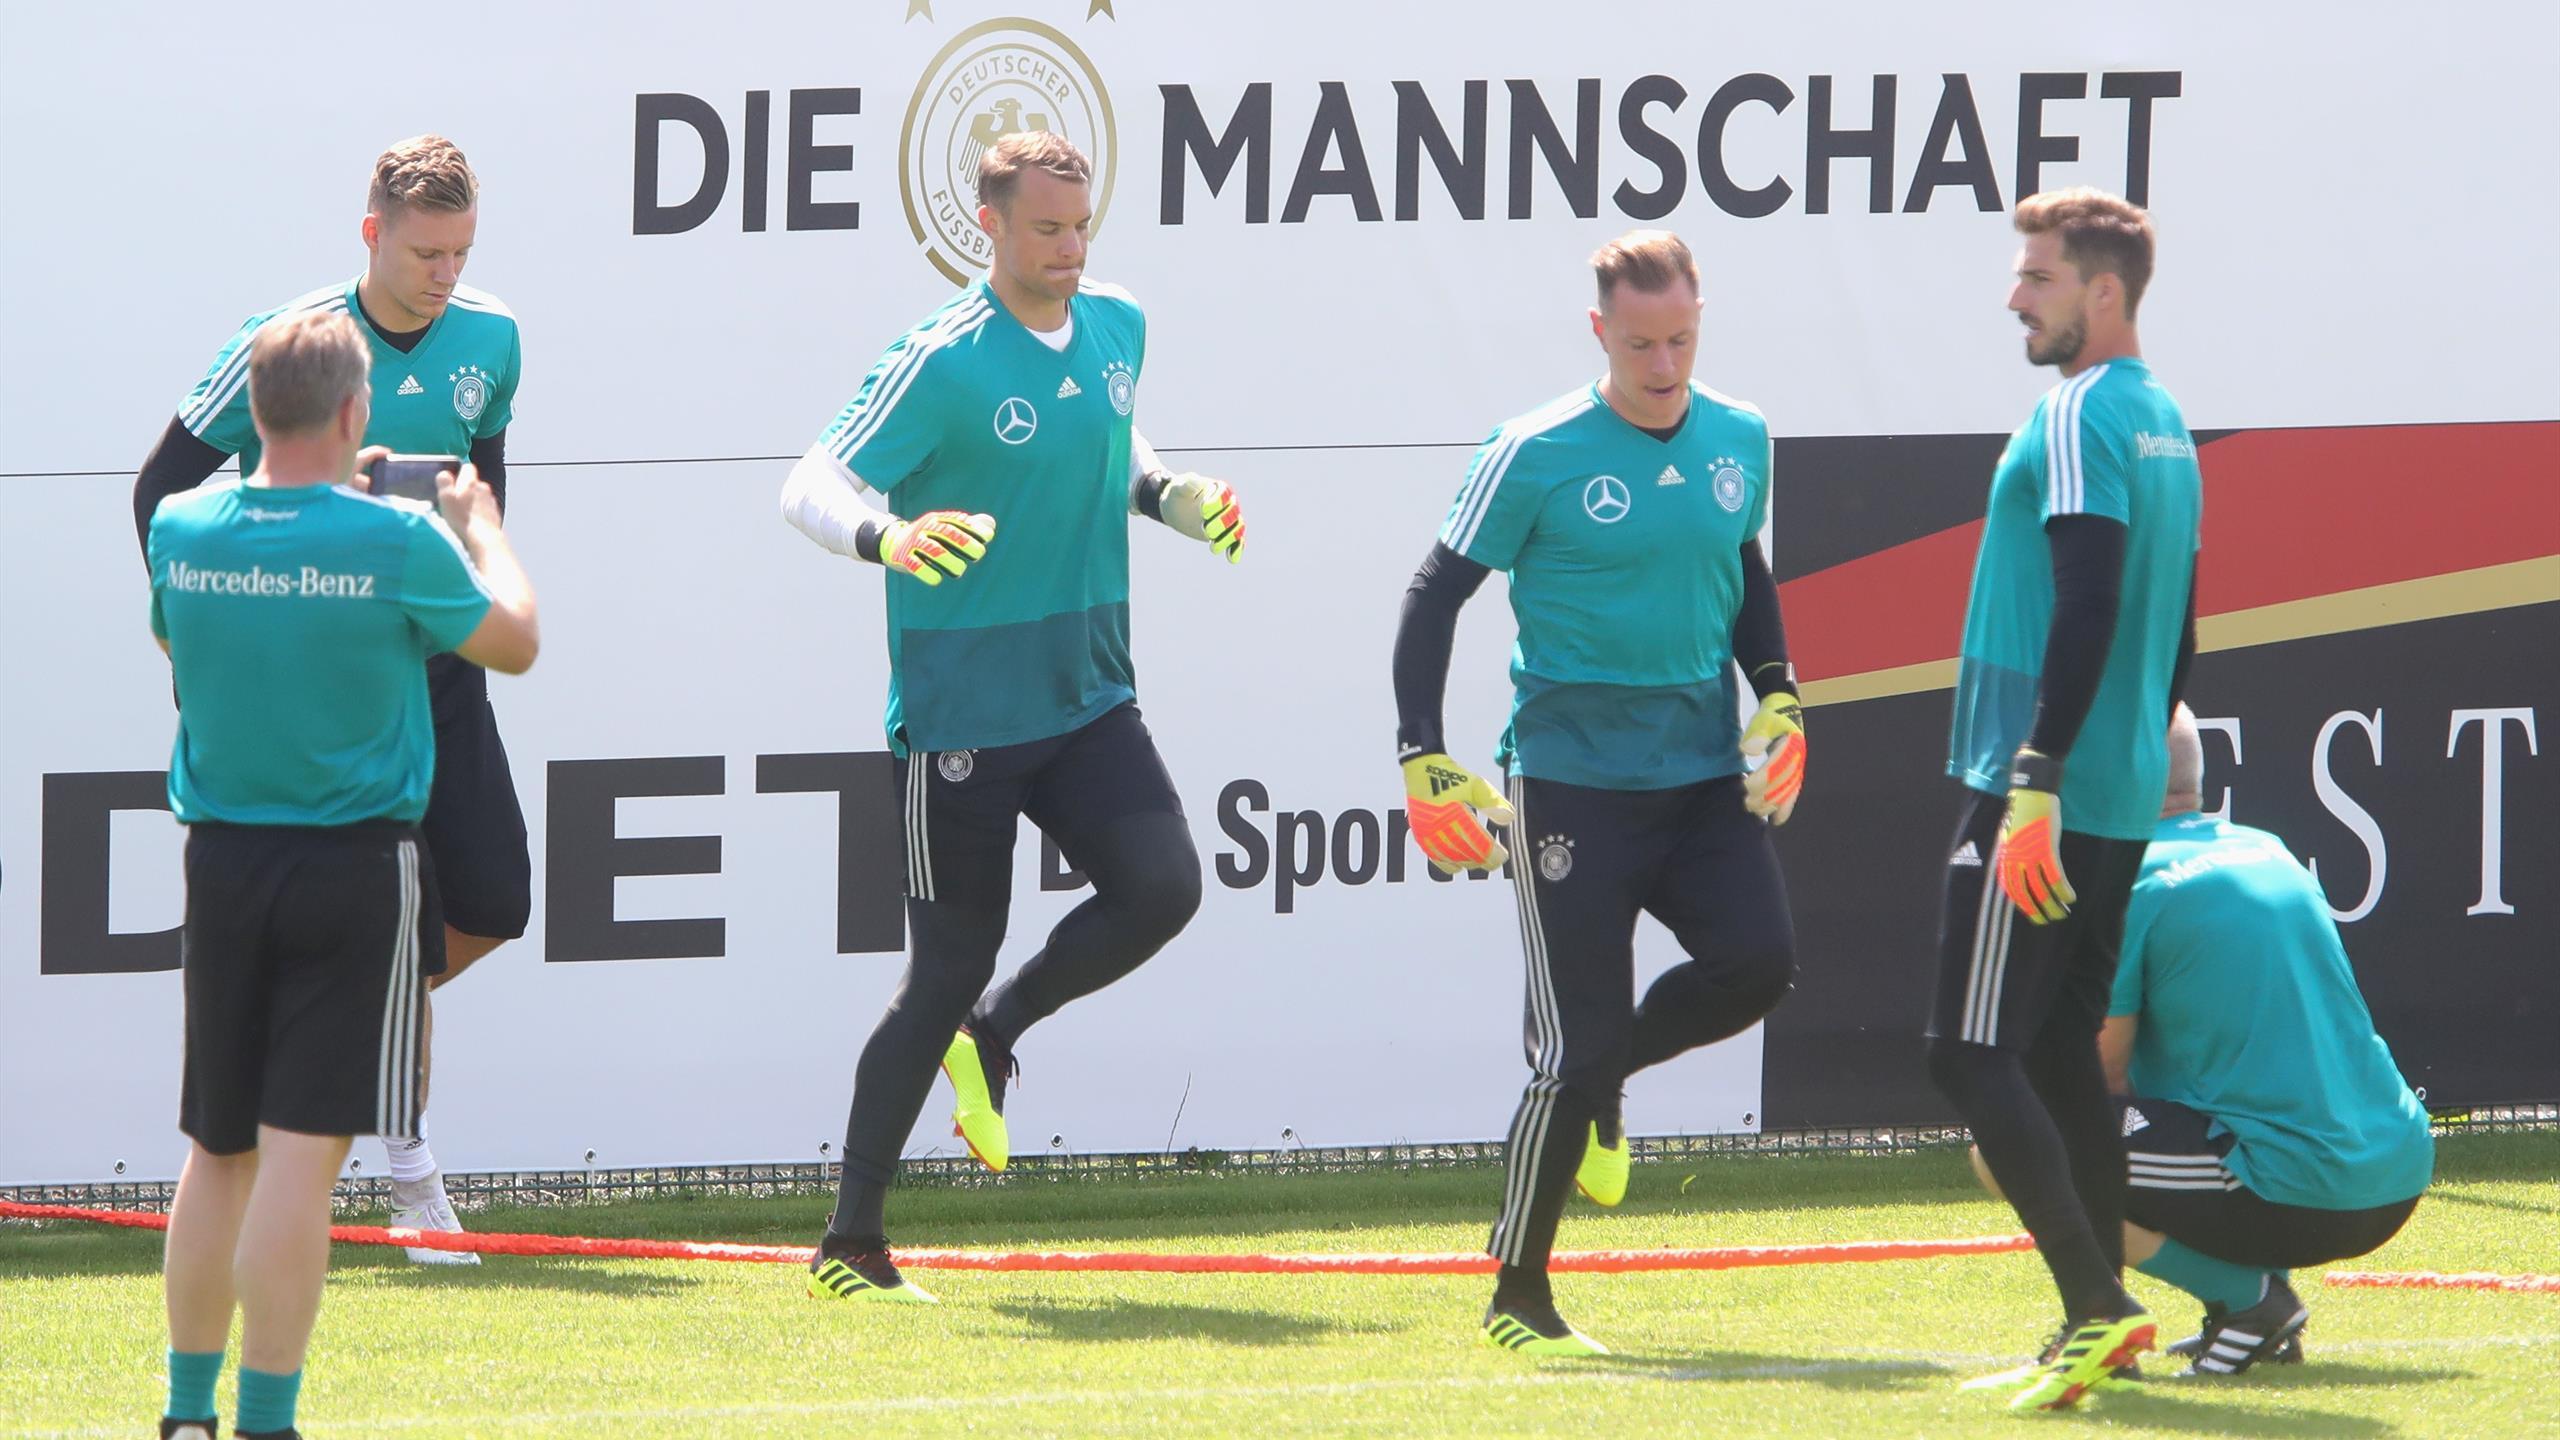 Manuel Neuer Bester Torwart